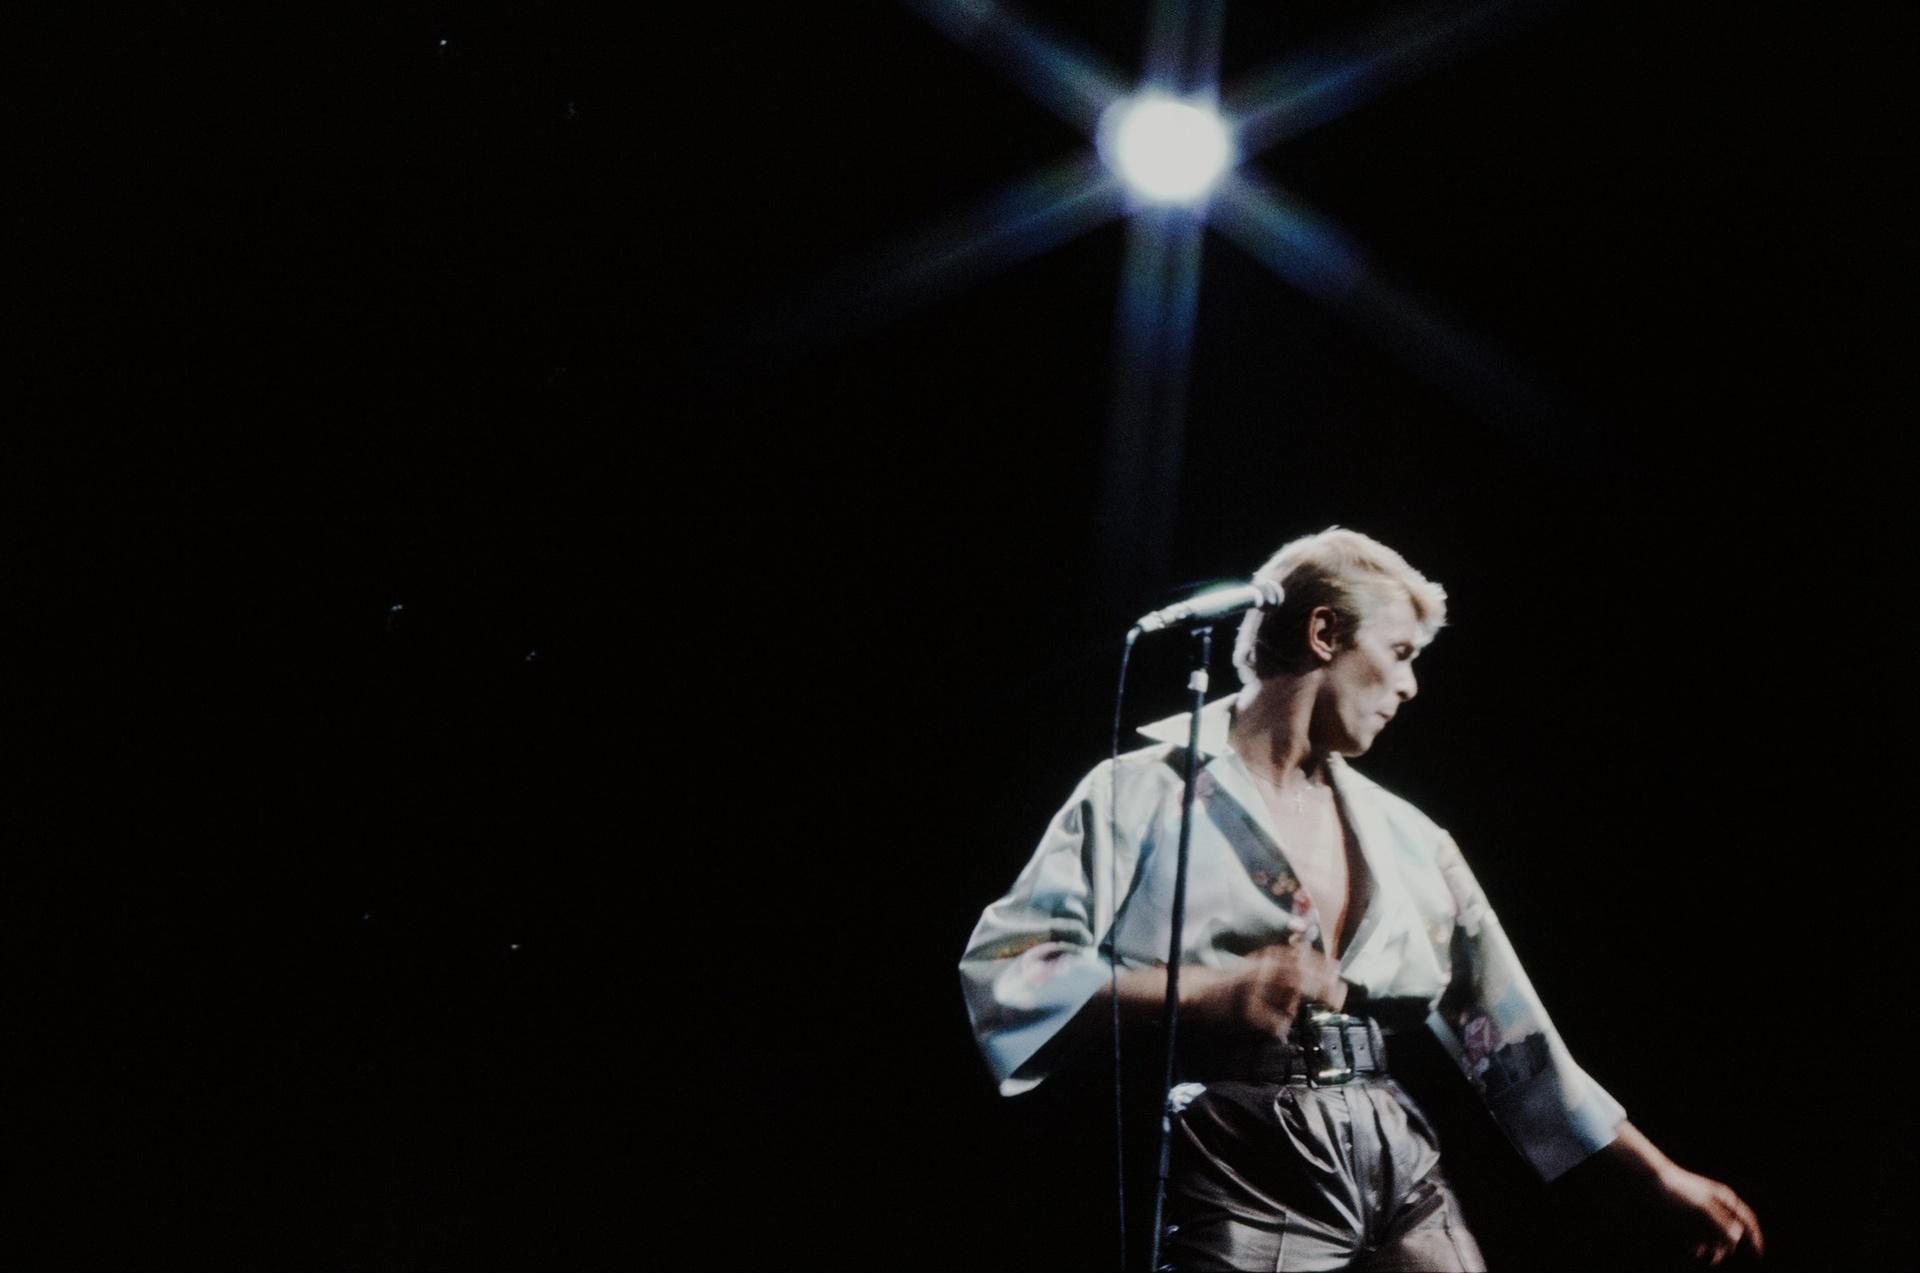 Дейвид Бауи - изпълнeние на живо от NHK Hall, Токио през 1978 г. Снимка: Shinko Music / Getty Images